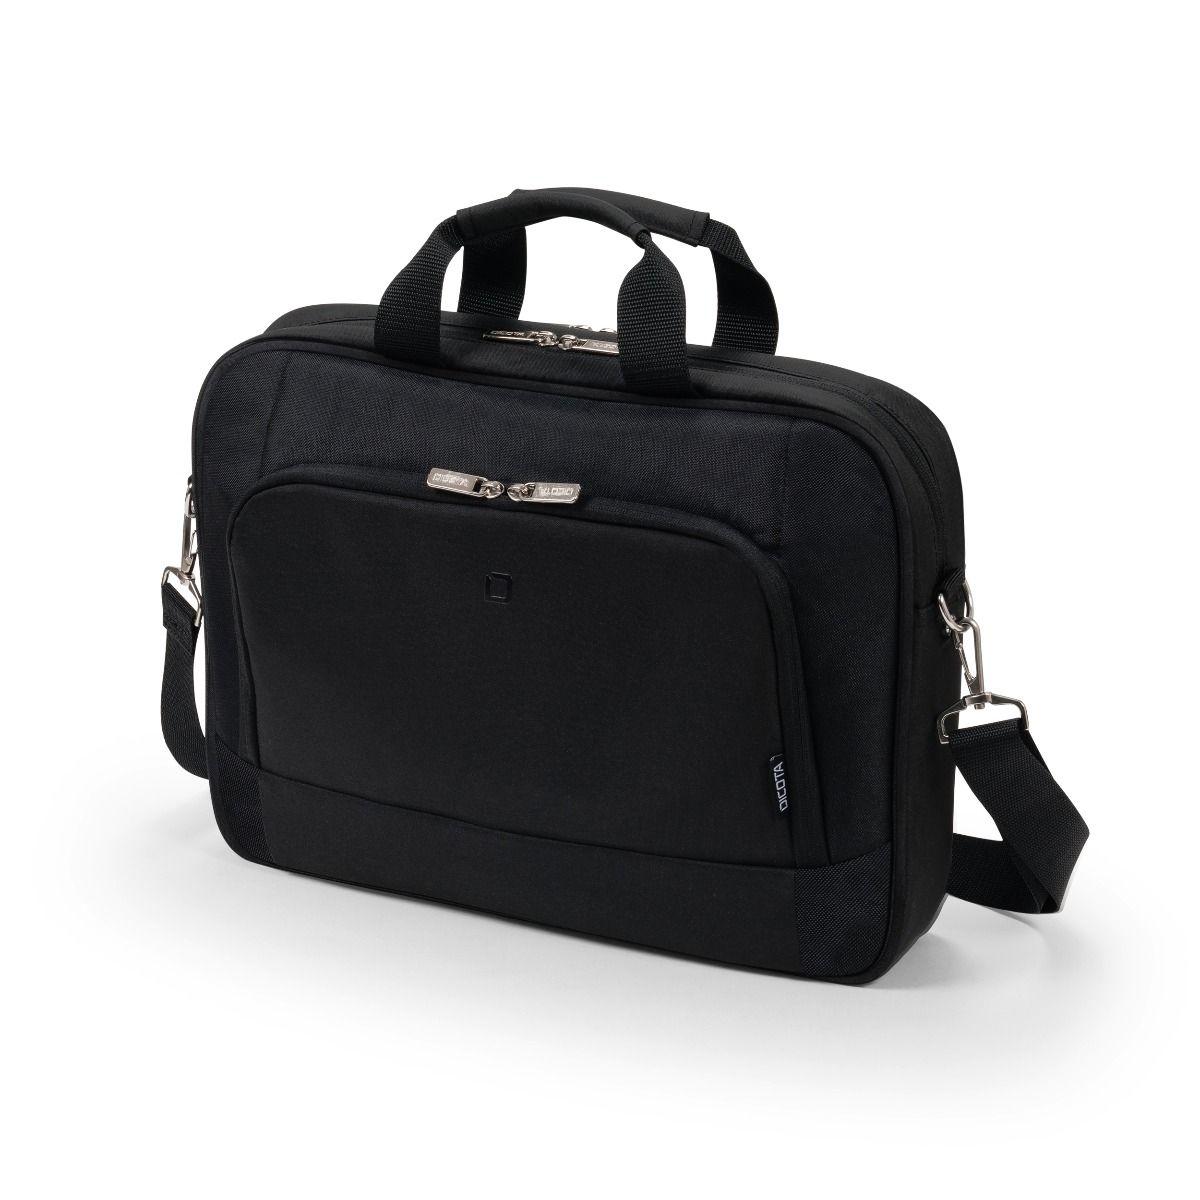 """Dicota Top Traveller Base 13-14.1 35.8 cm (14.1"""") Messenger case Black"""